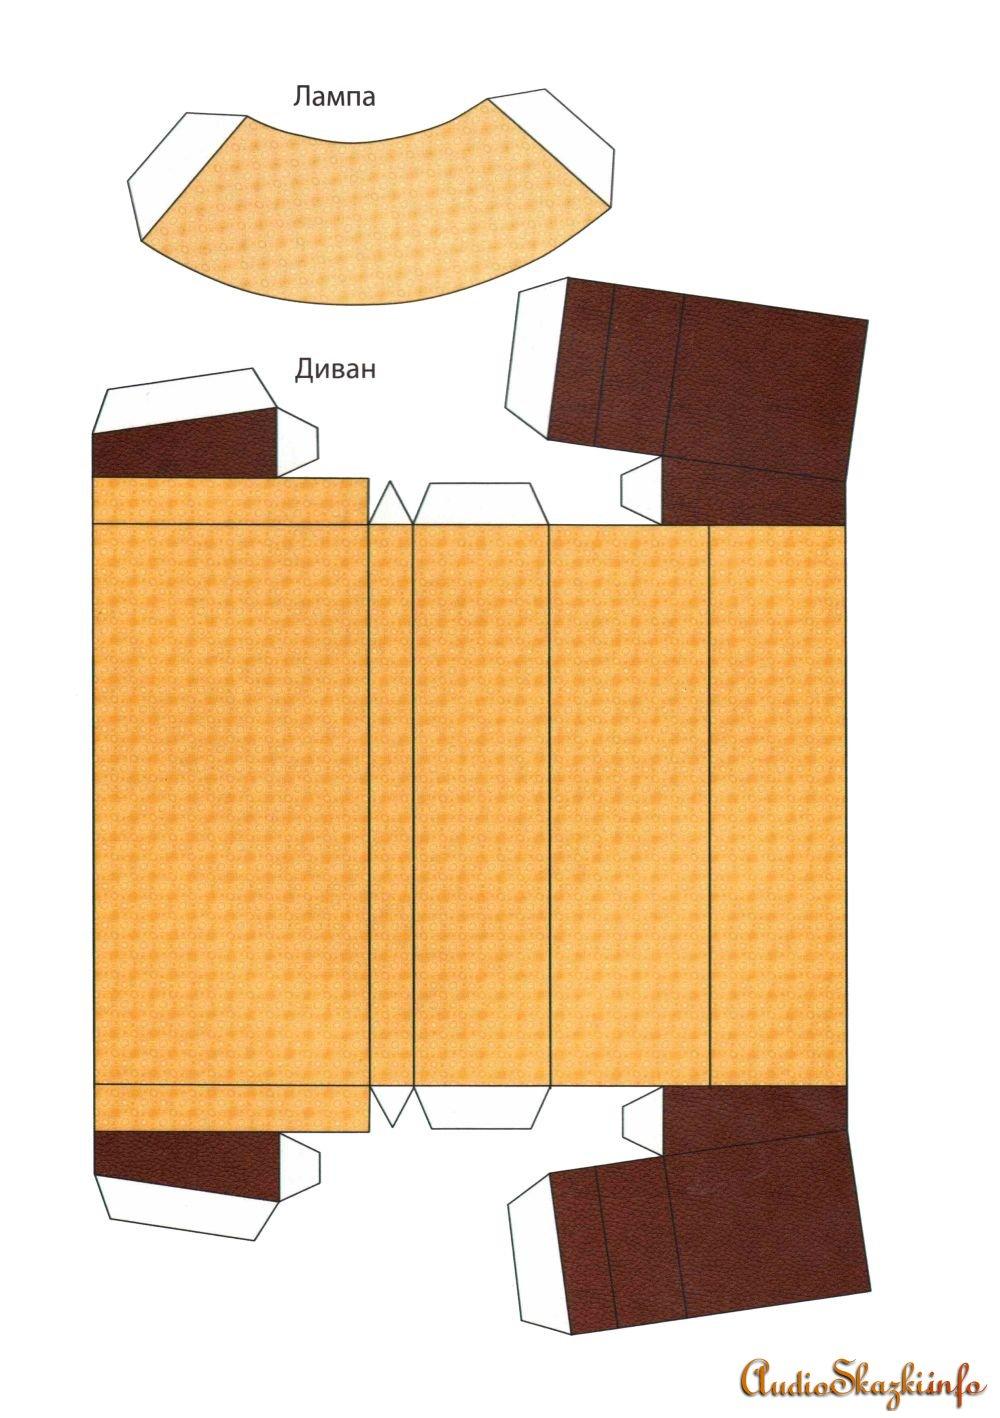 Домики для кукол своими руками из бумаги